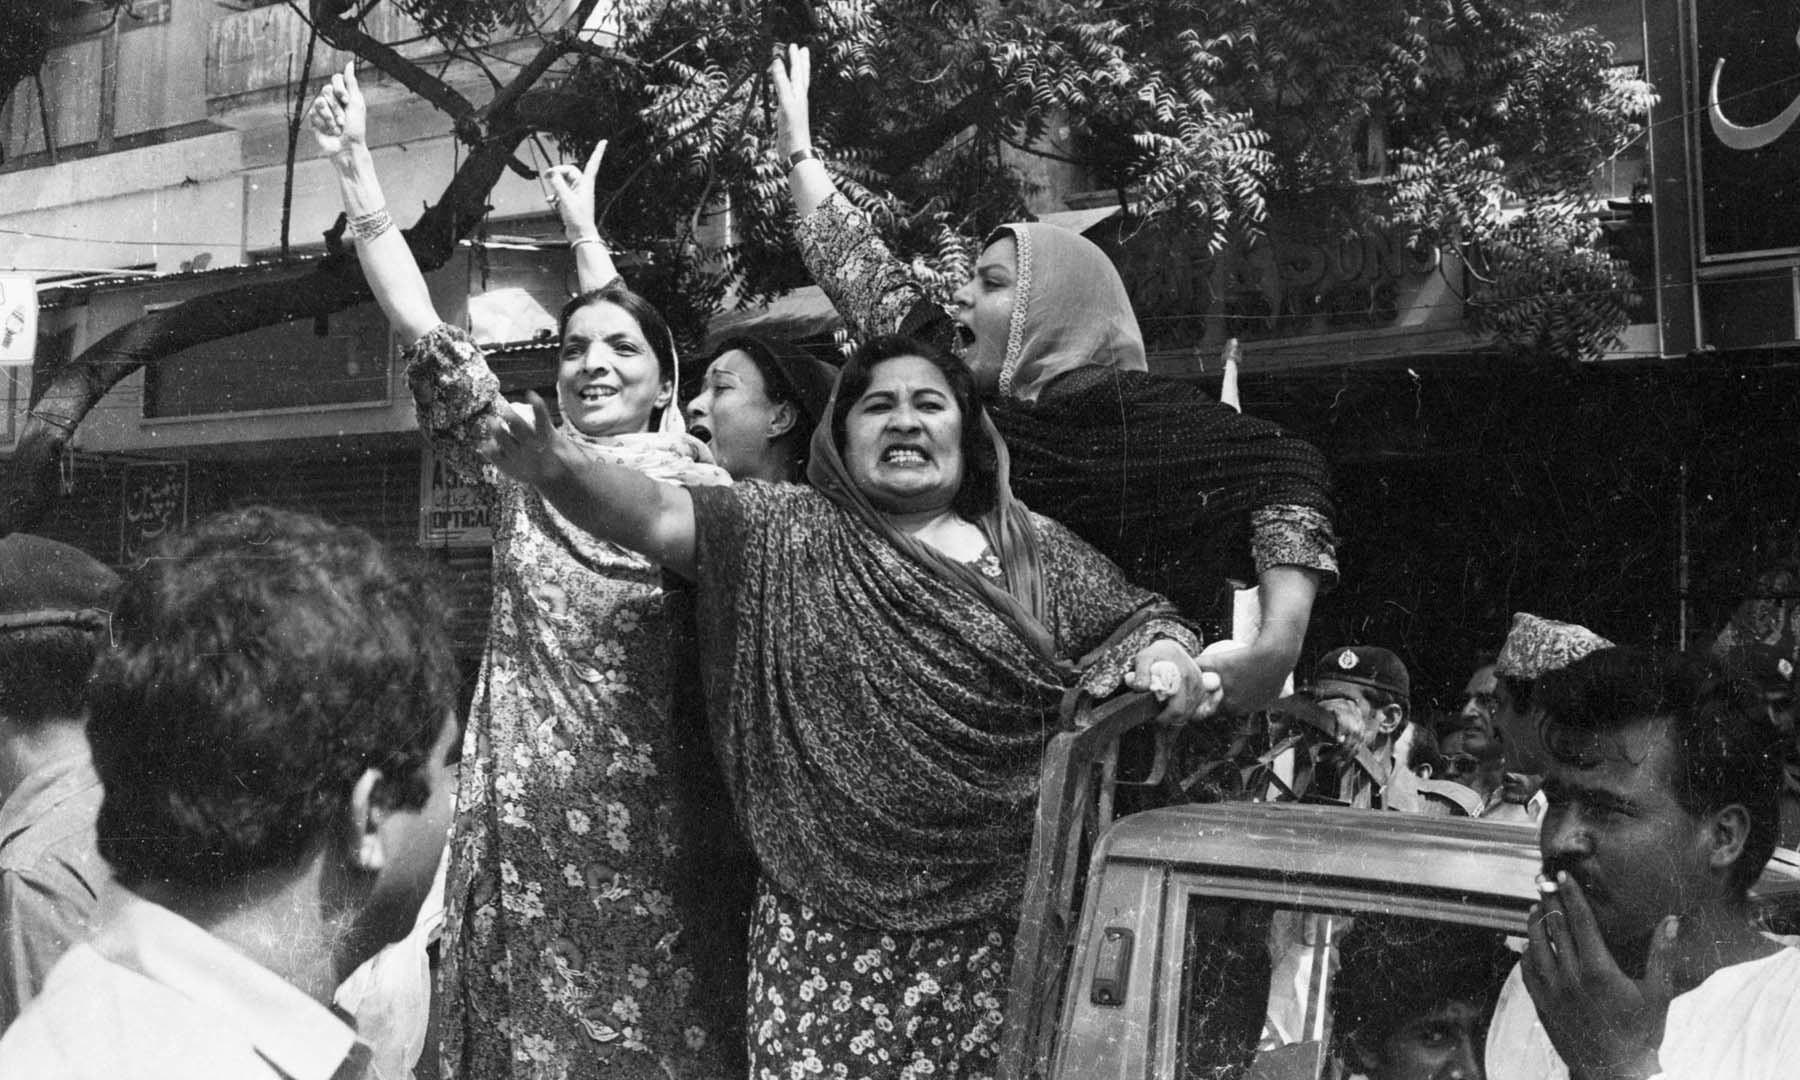 15 اگست 1983ء کو  ایم آر ڈی کارکنان گرفتاری کے دوران نعرے بلند کر رہے ہیں—تصویر بشکریہ سینئر فوٹوجرنلسٹ زاہد حسین